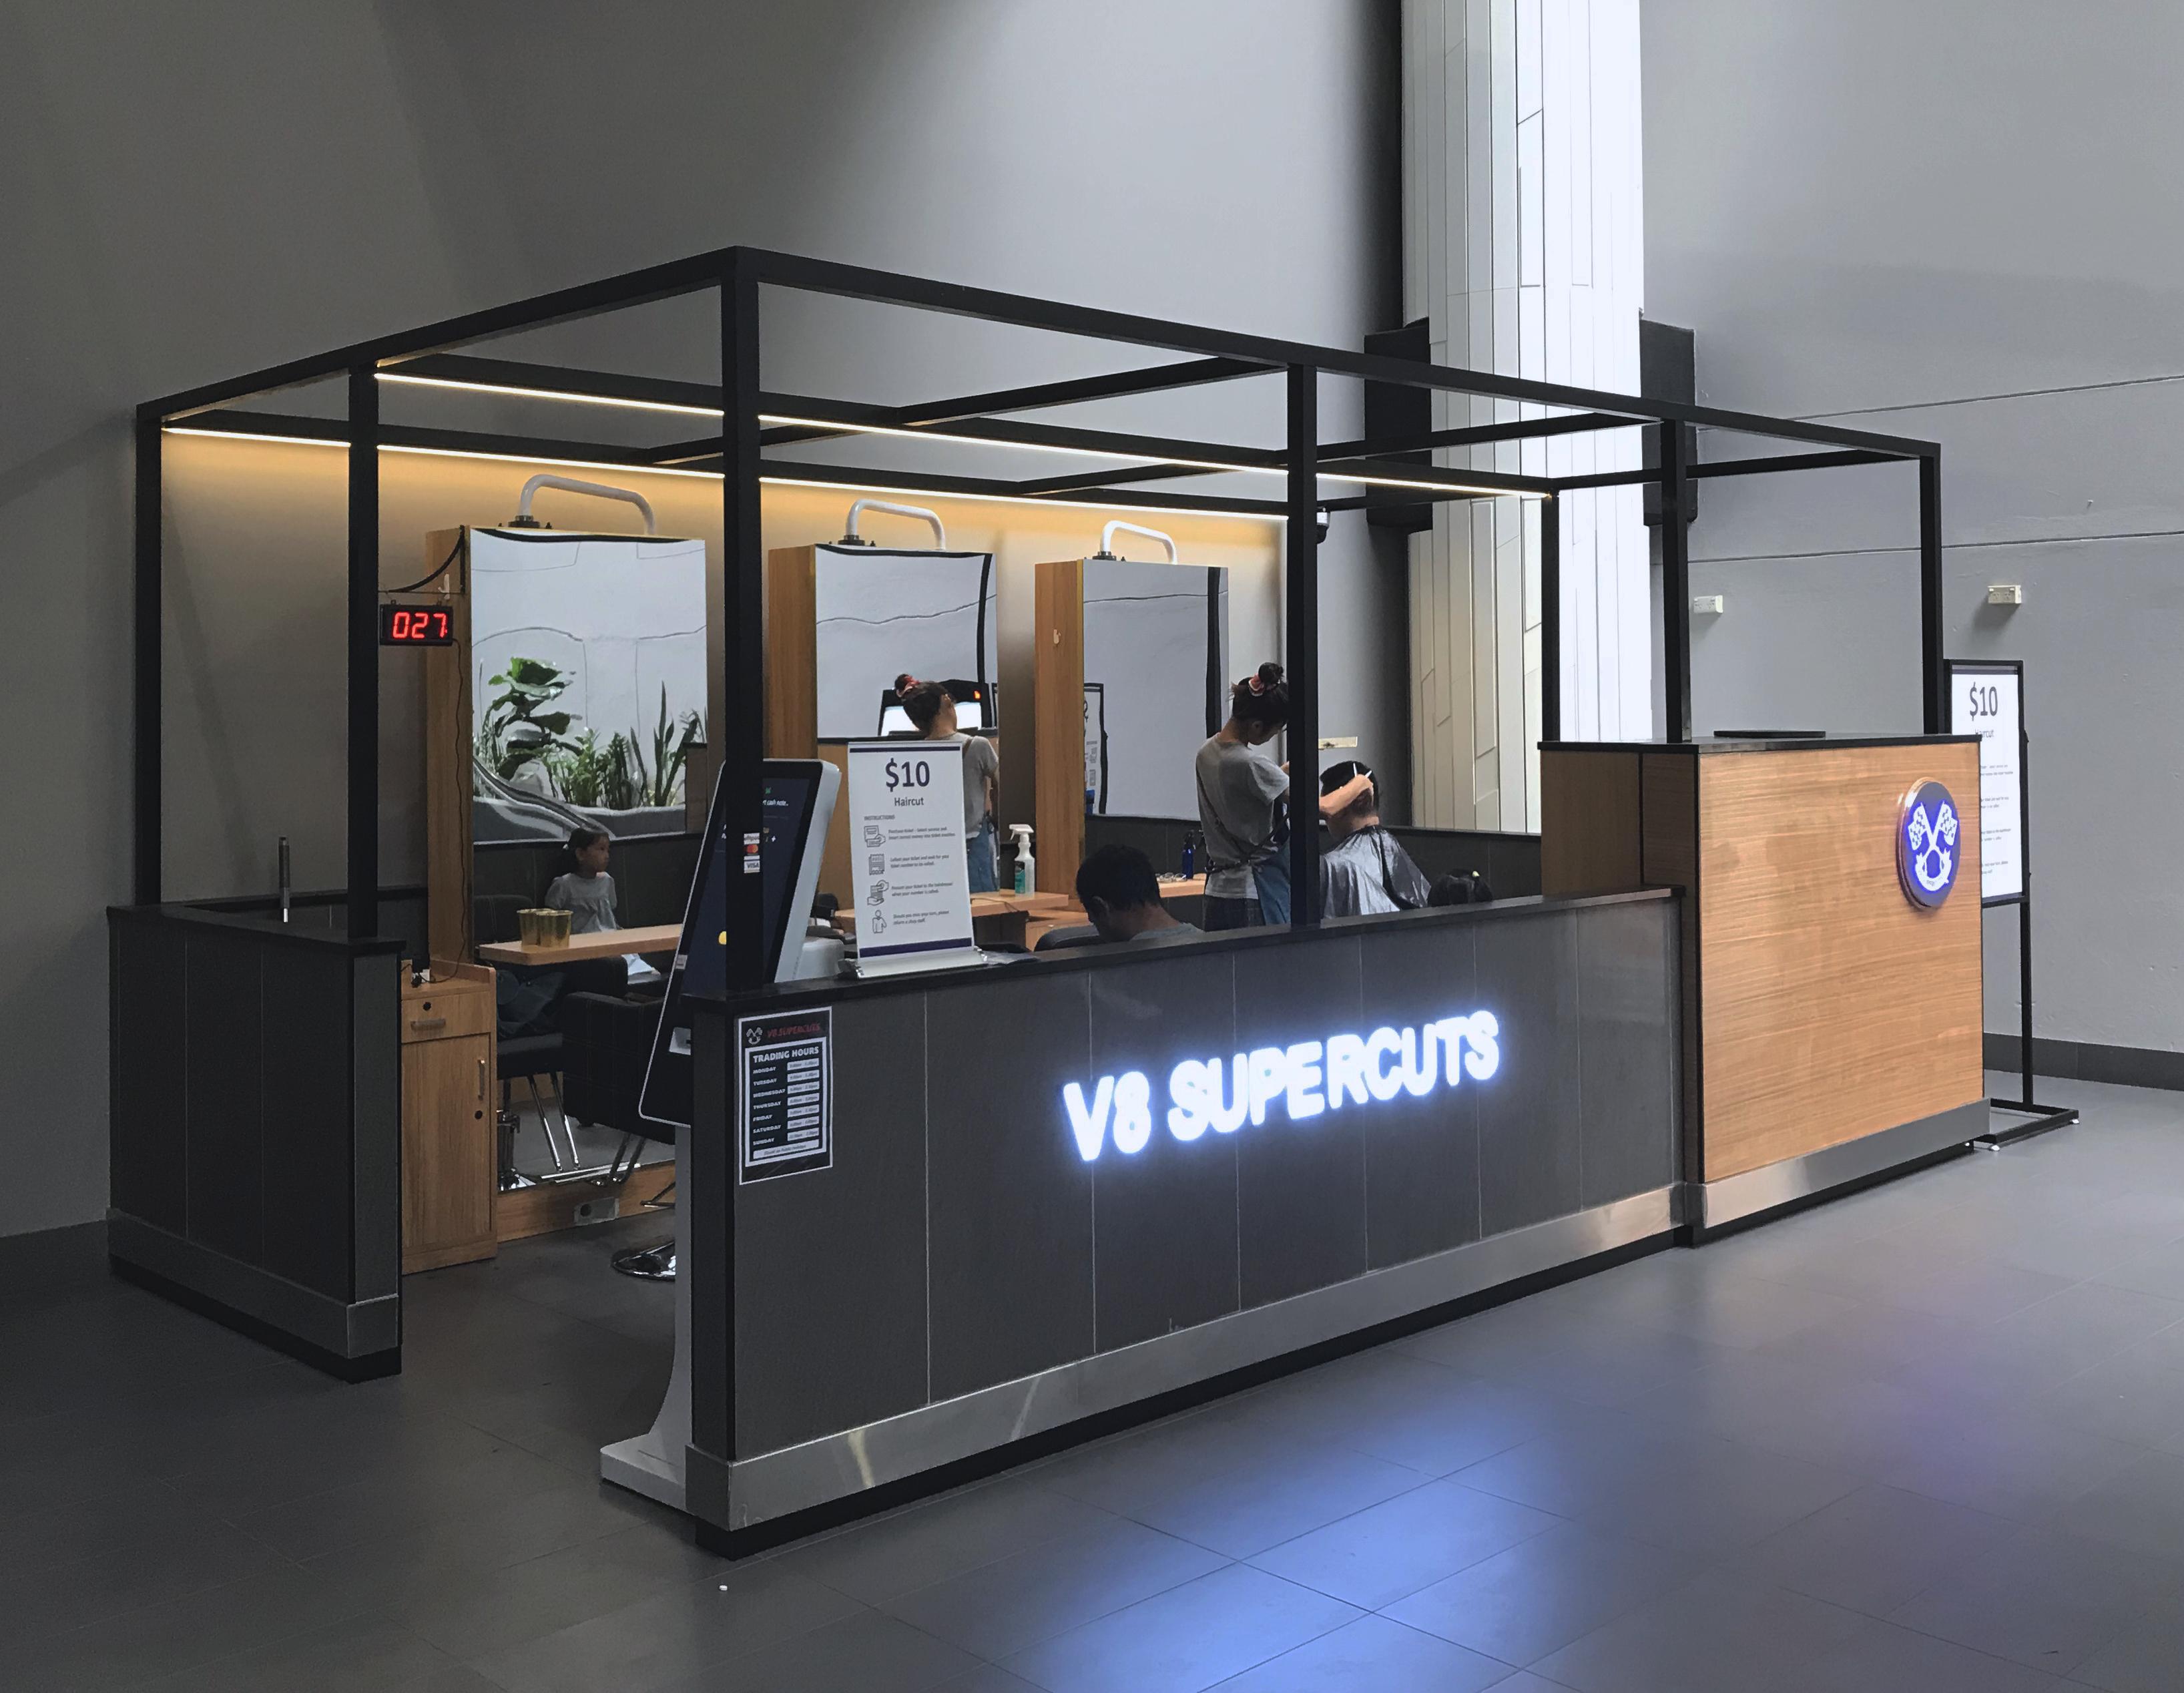 V8 SUPERCUT KIOSK